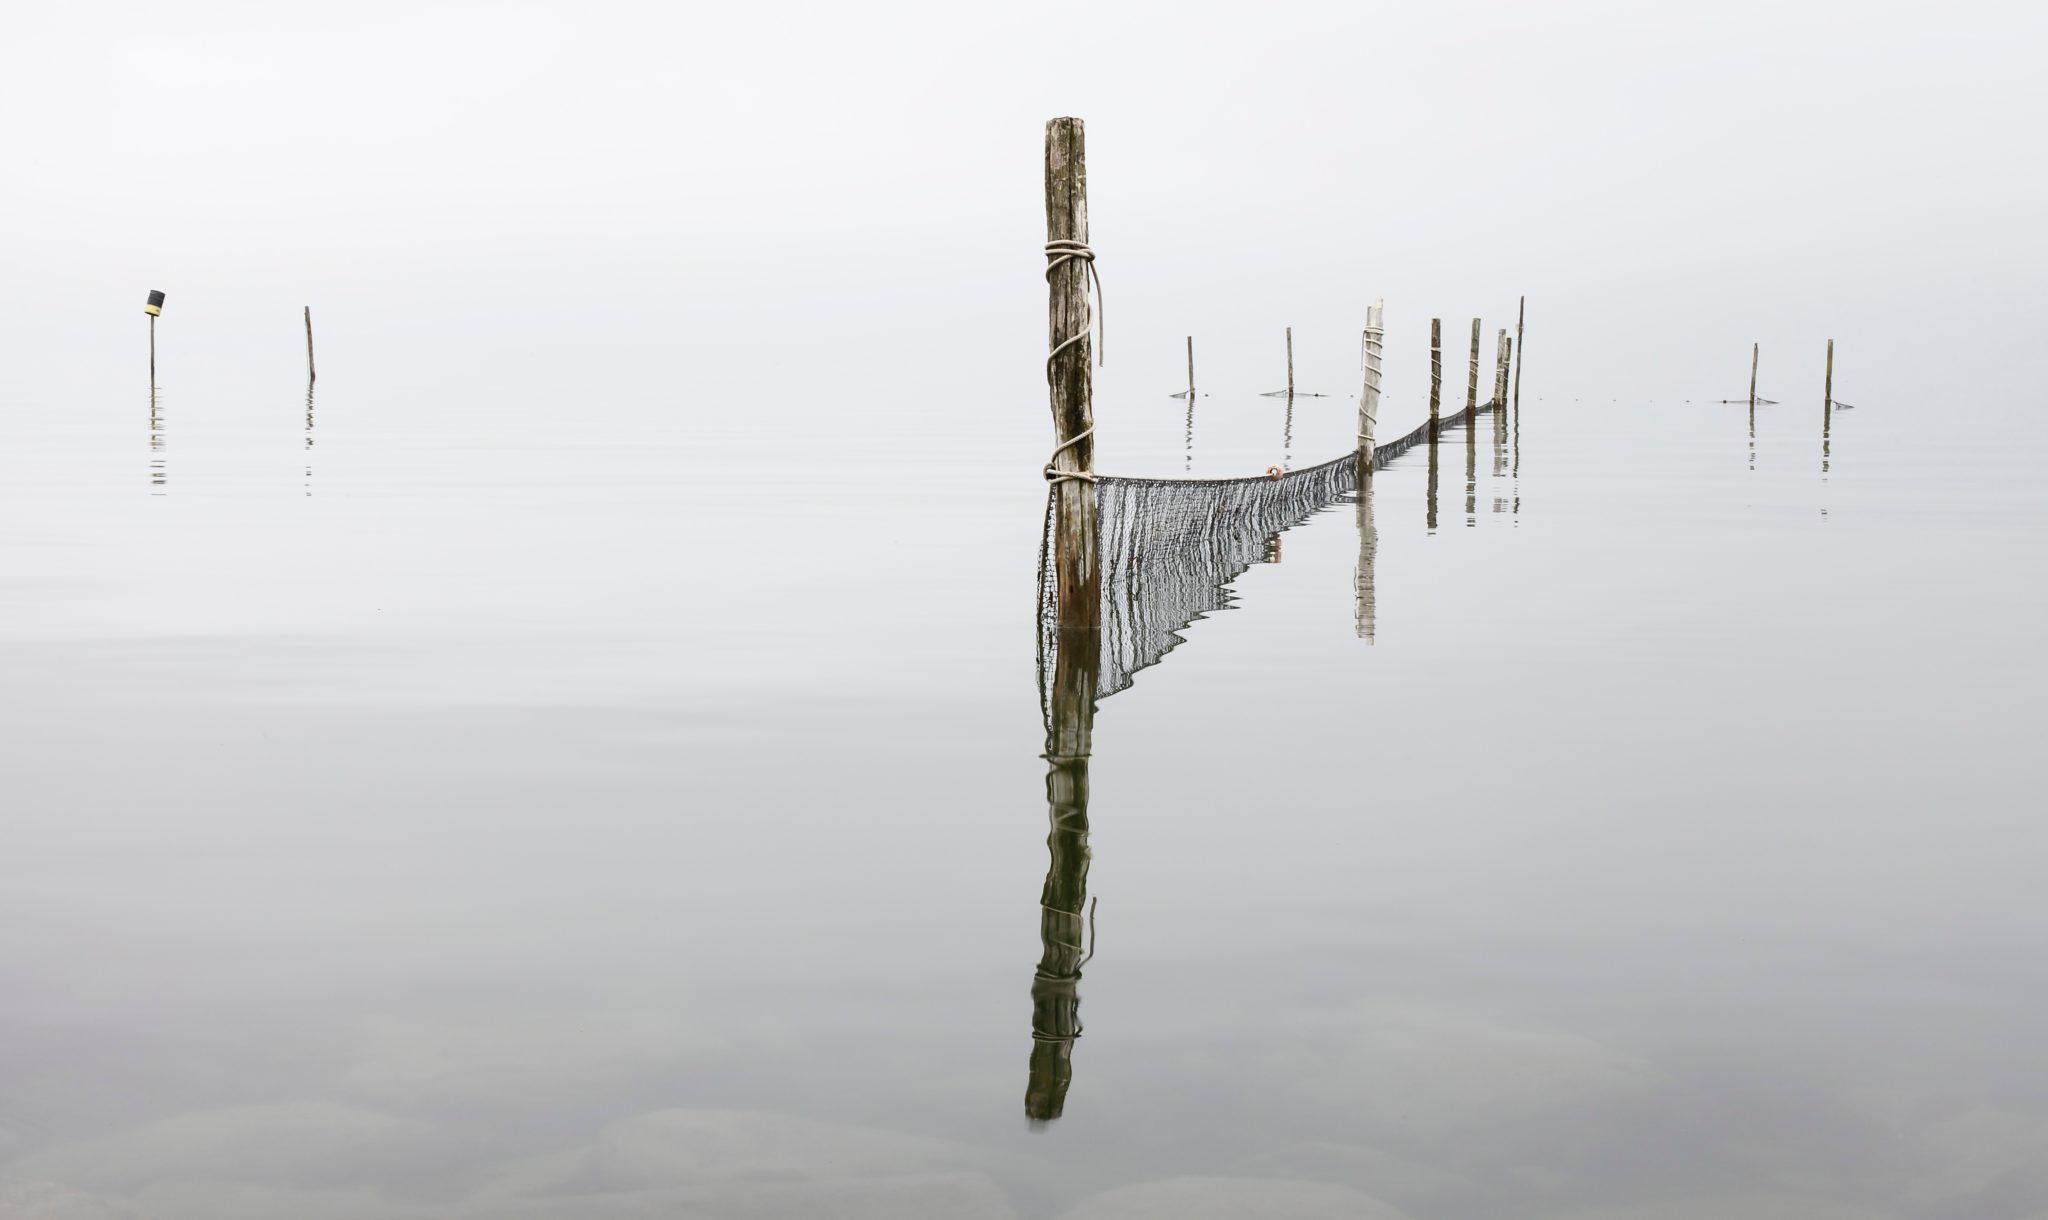 Je proeft het water de wind en de zilte zeelucht elsevierweekblad.nl